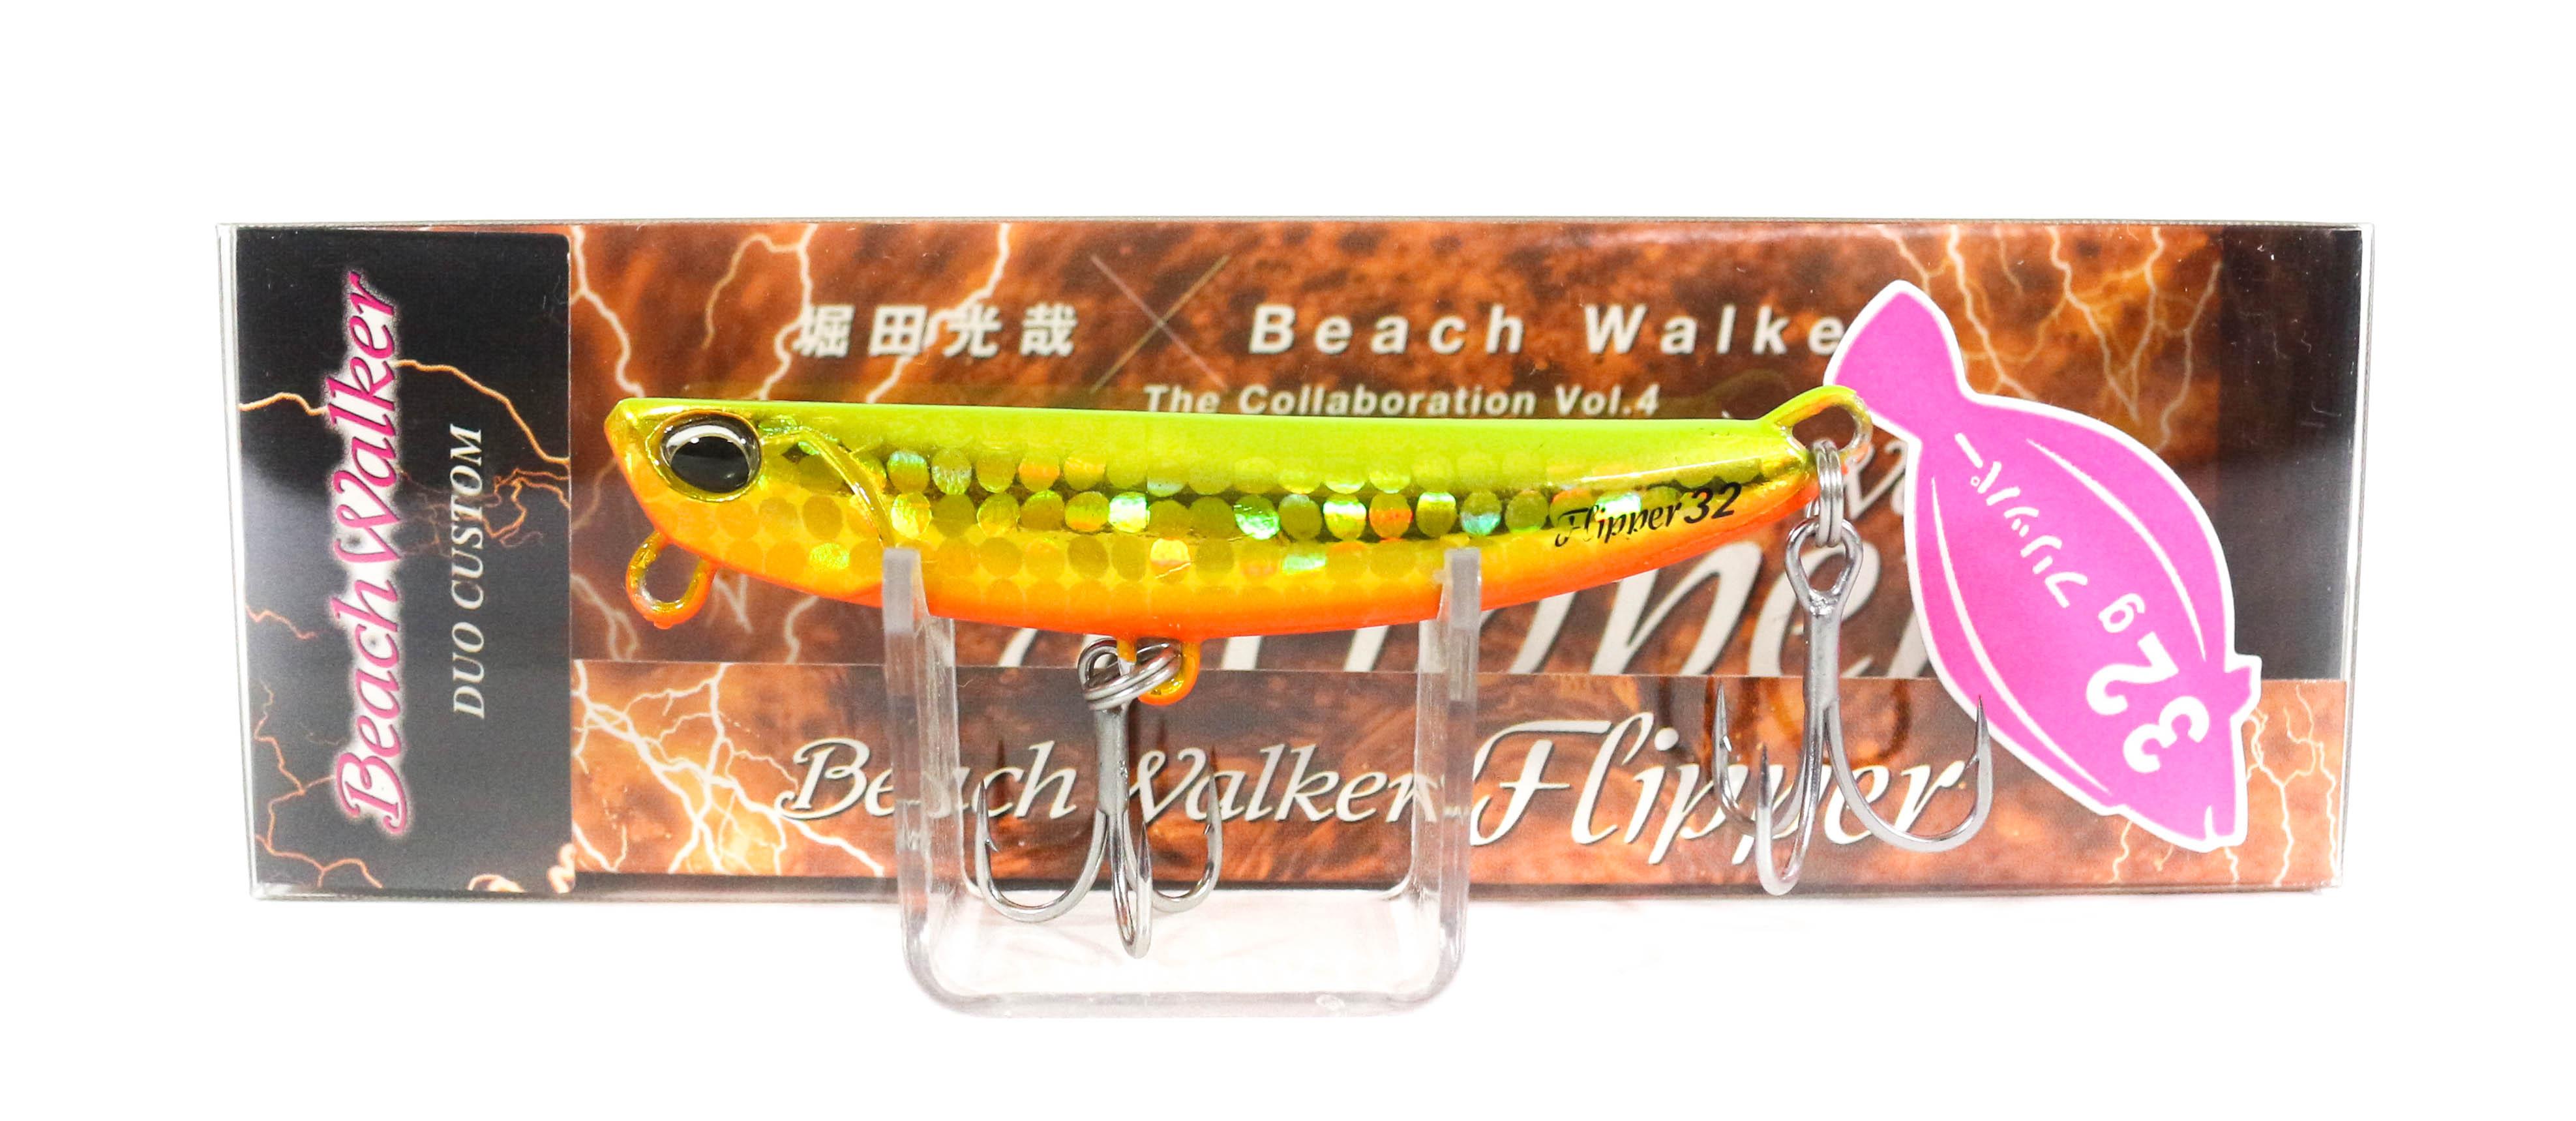 Duo Beach Walker Flipper 32 grams Sinking Lure GQA0063 (0969)